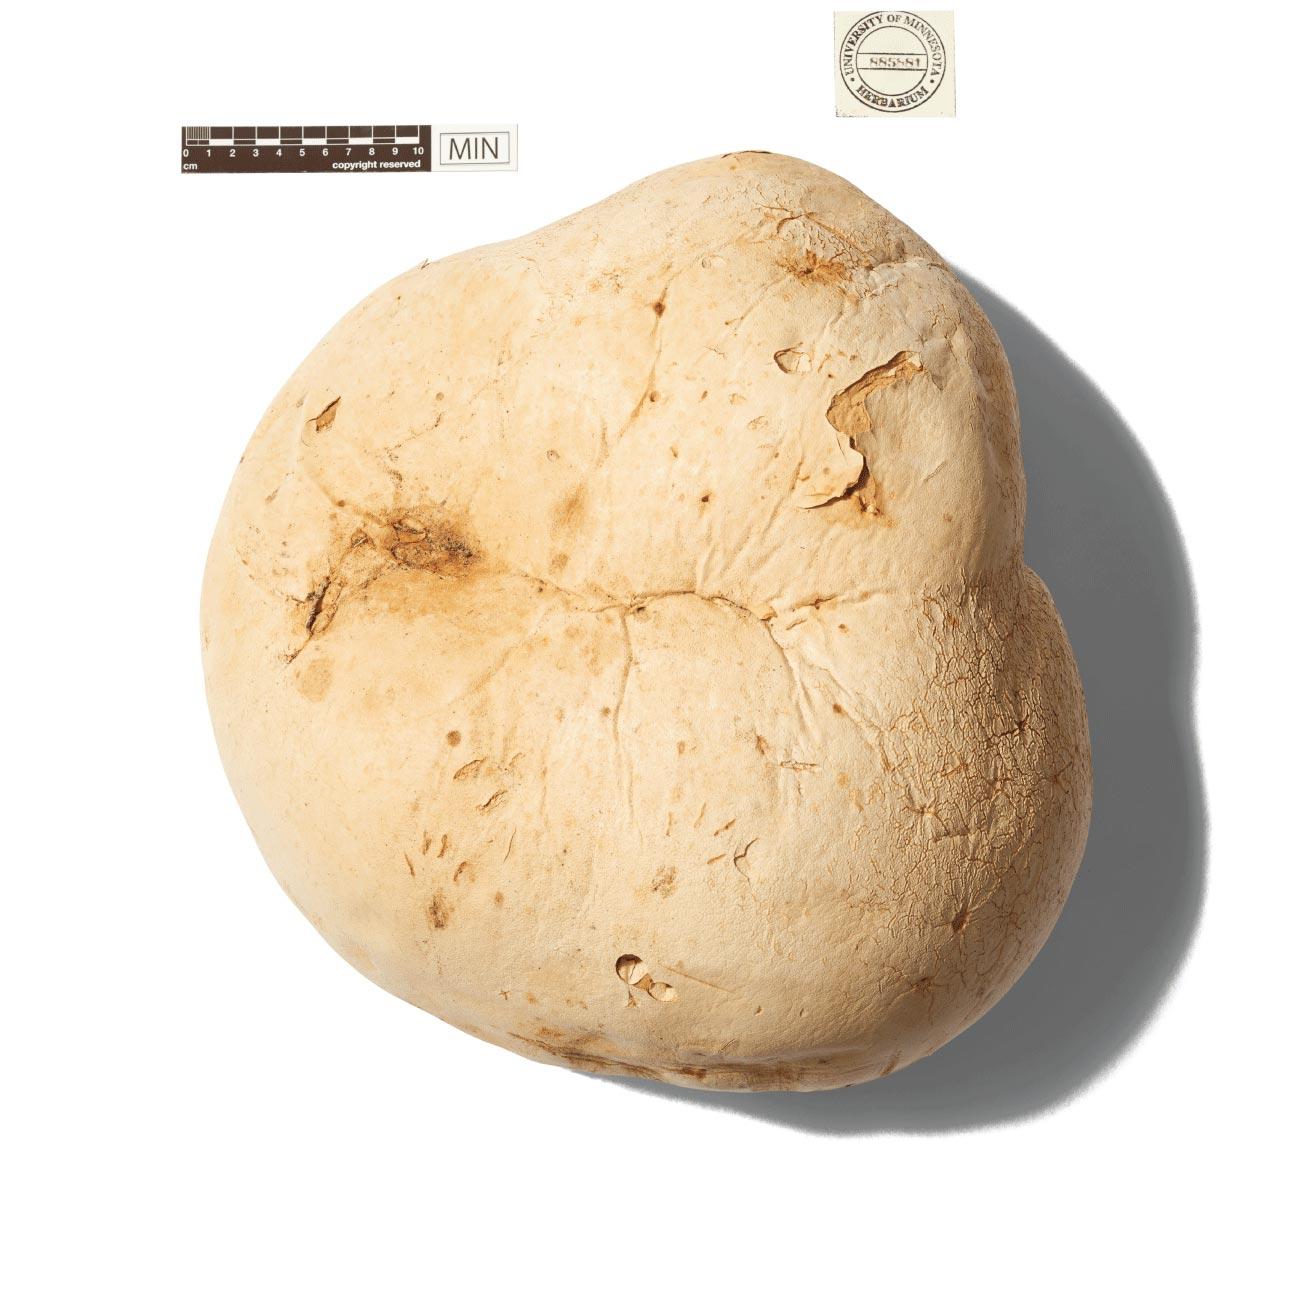 Giant puffball mushroom specimen